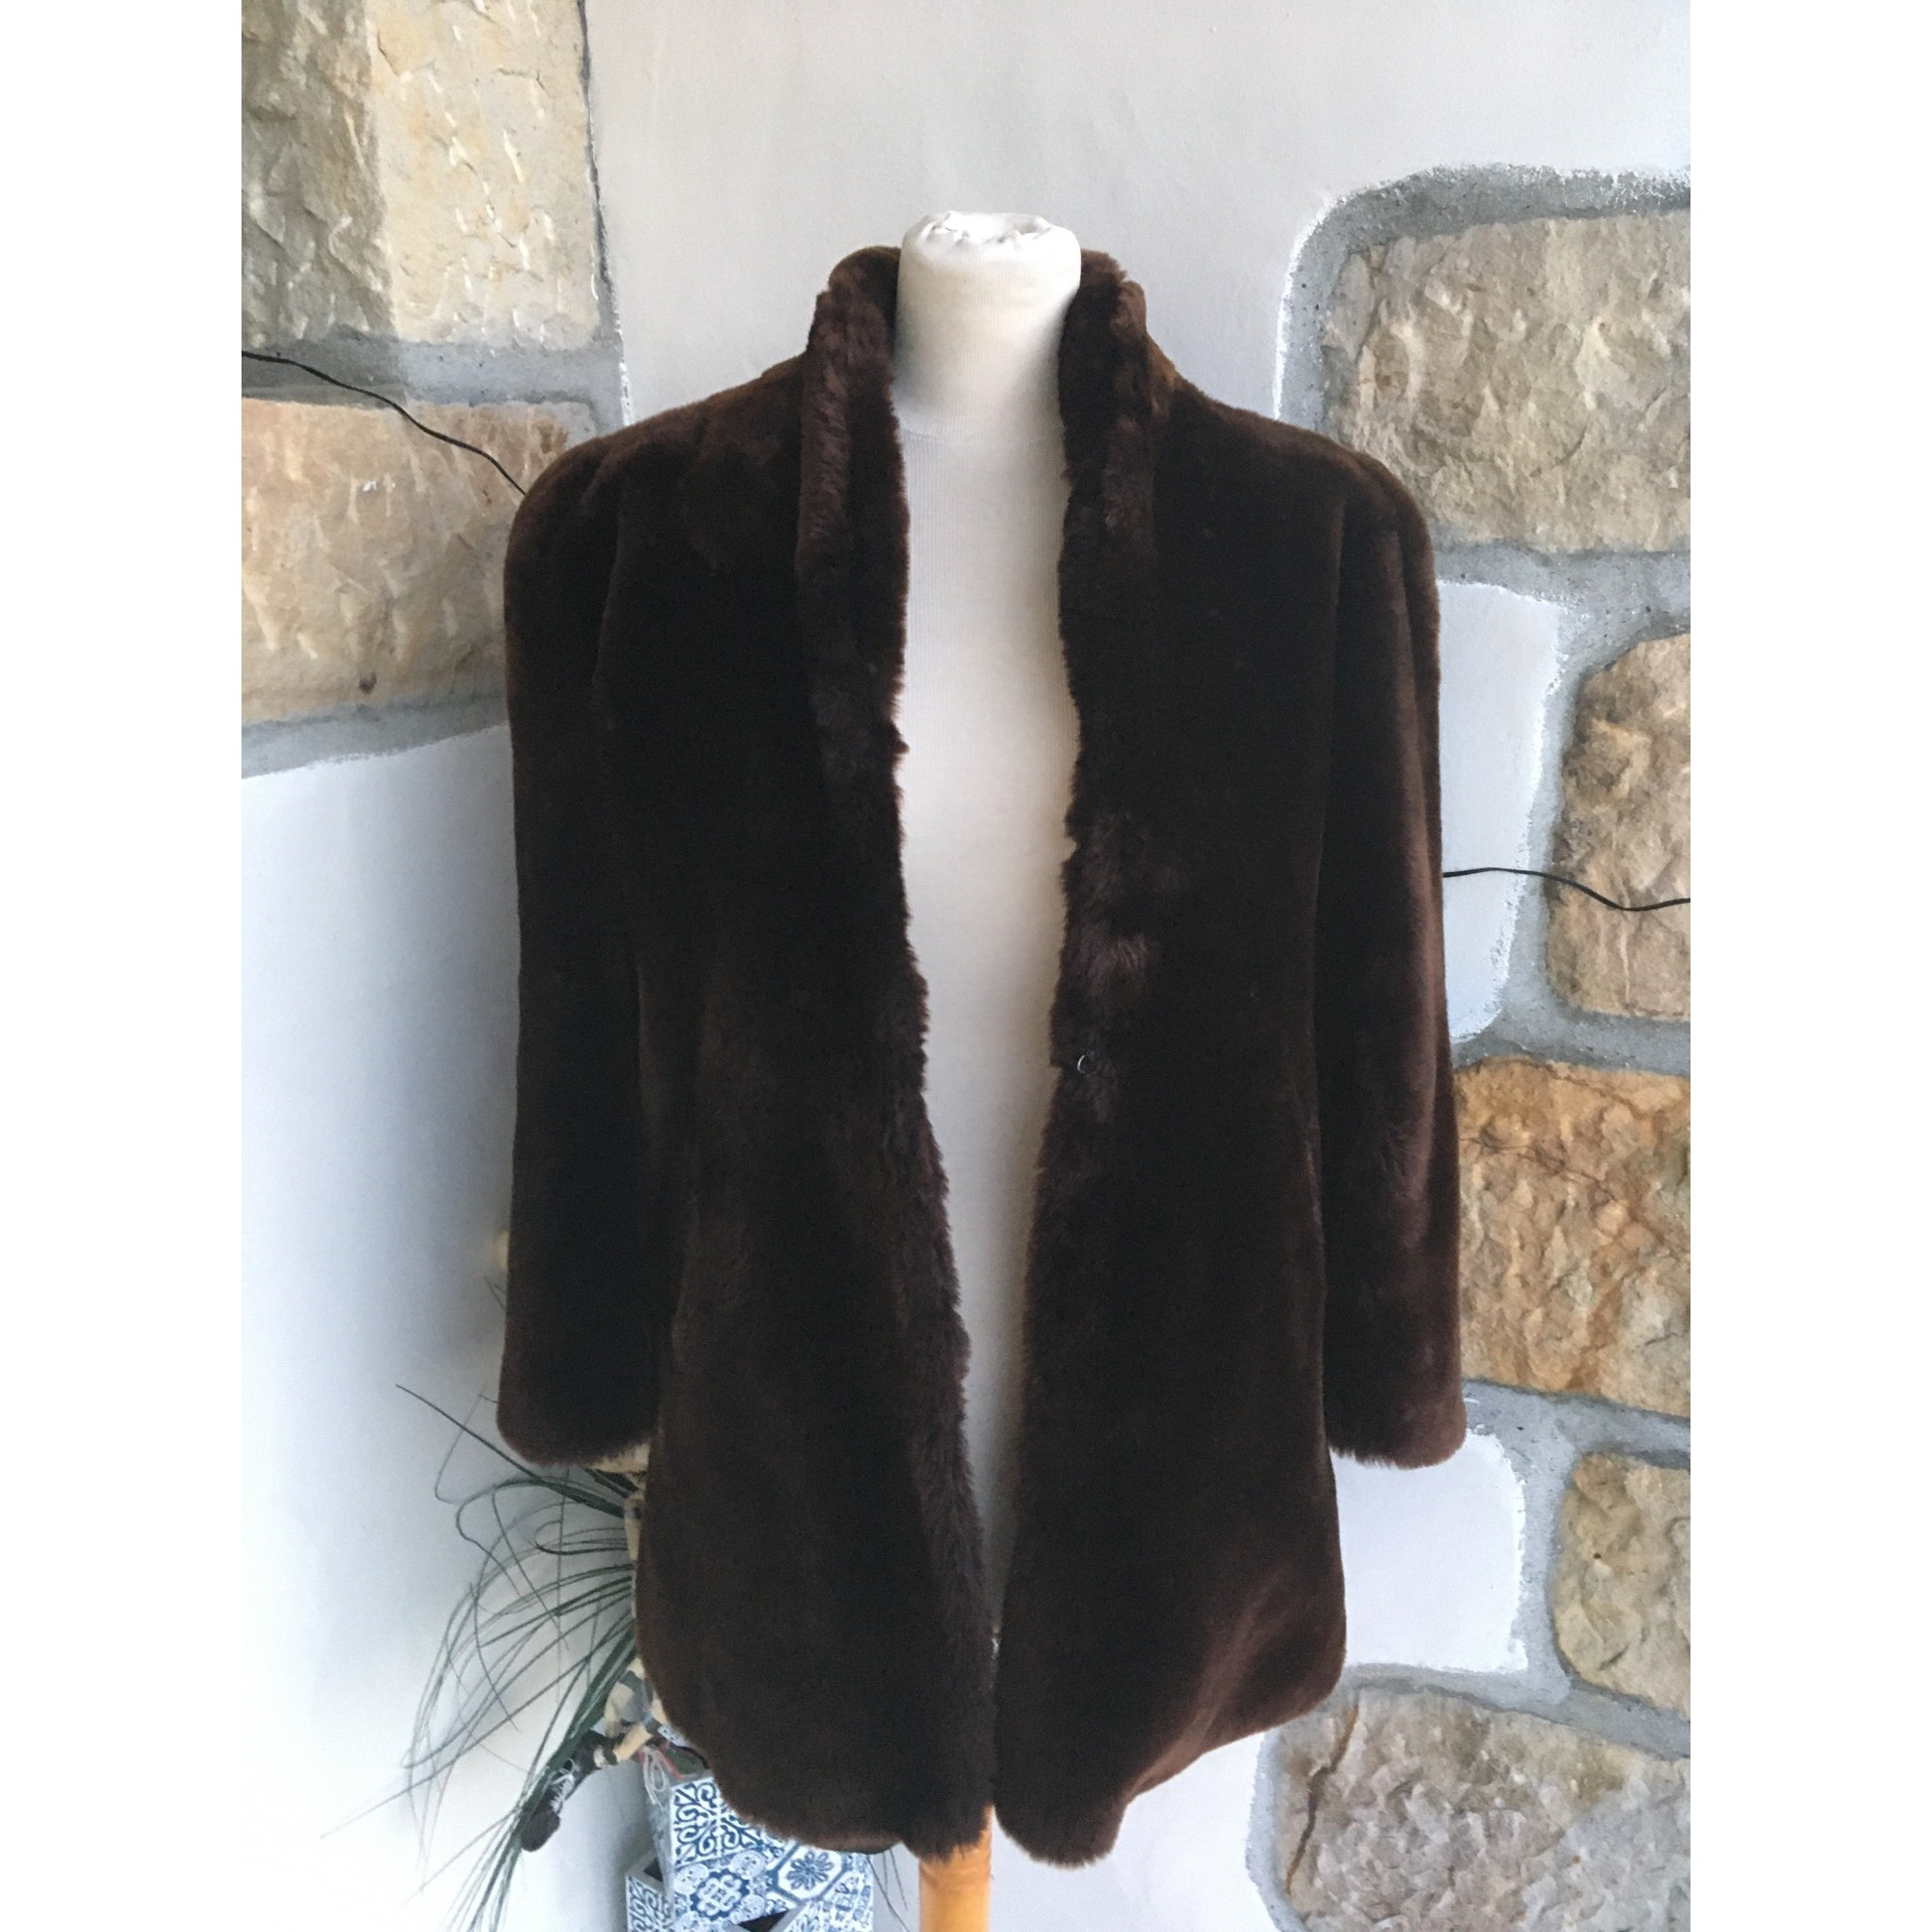 Manteau en fourrure BOUTIQUE INDEPENDANTE Marron